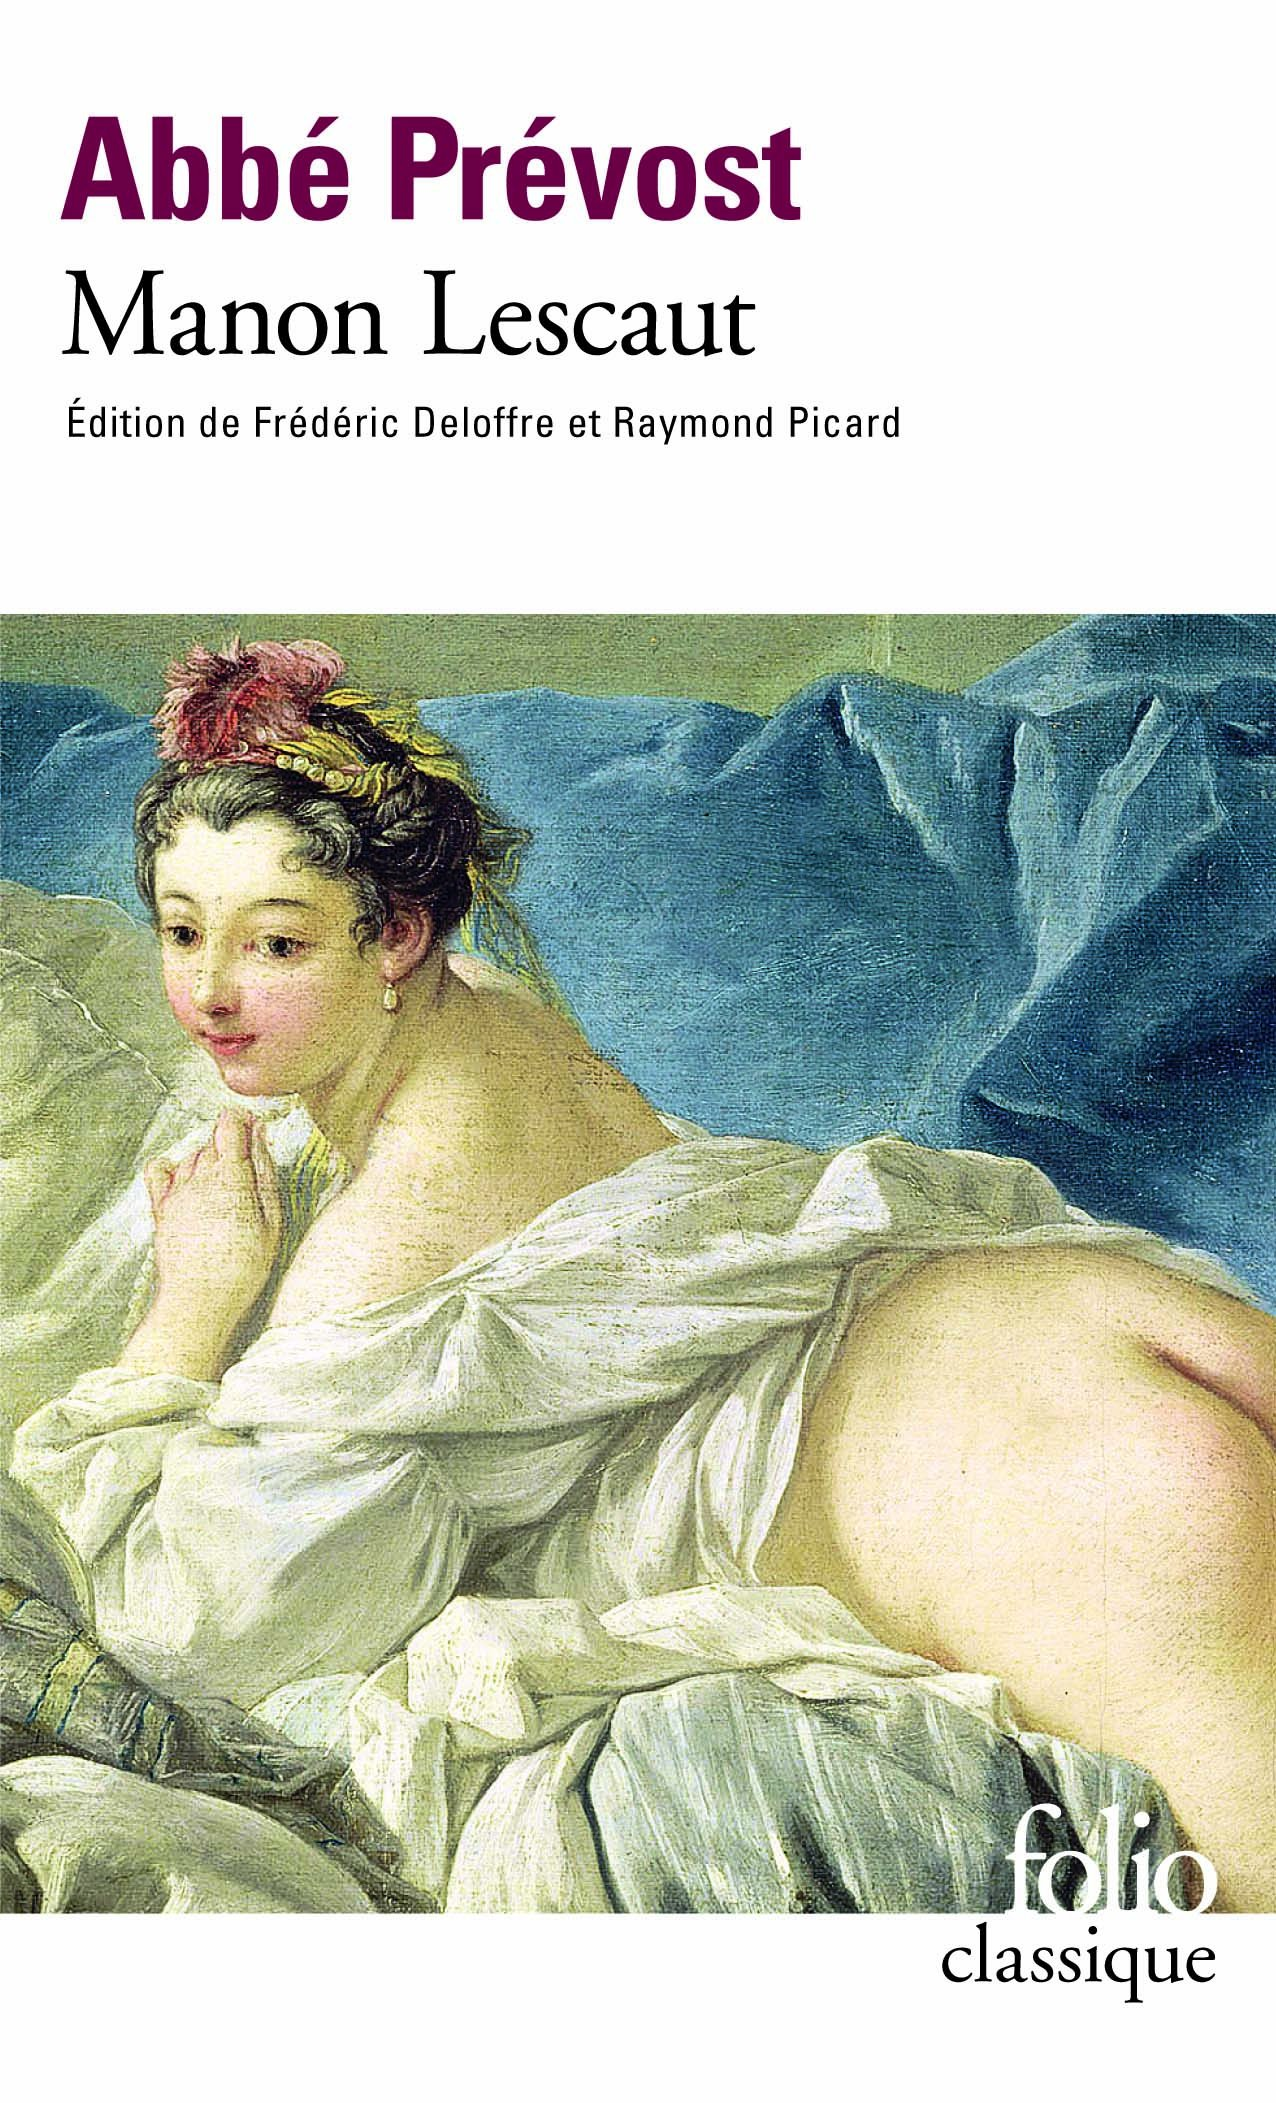 amazon fr manon lescaut abbé prévost frédéric deloffre